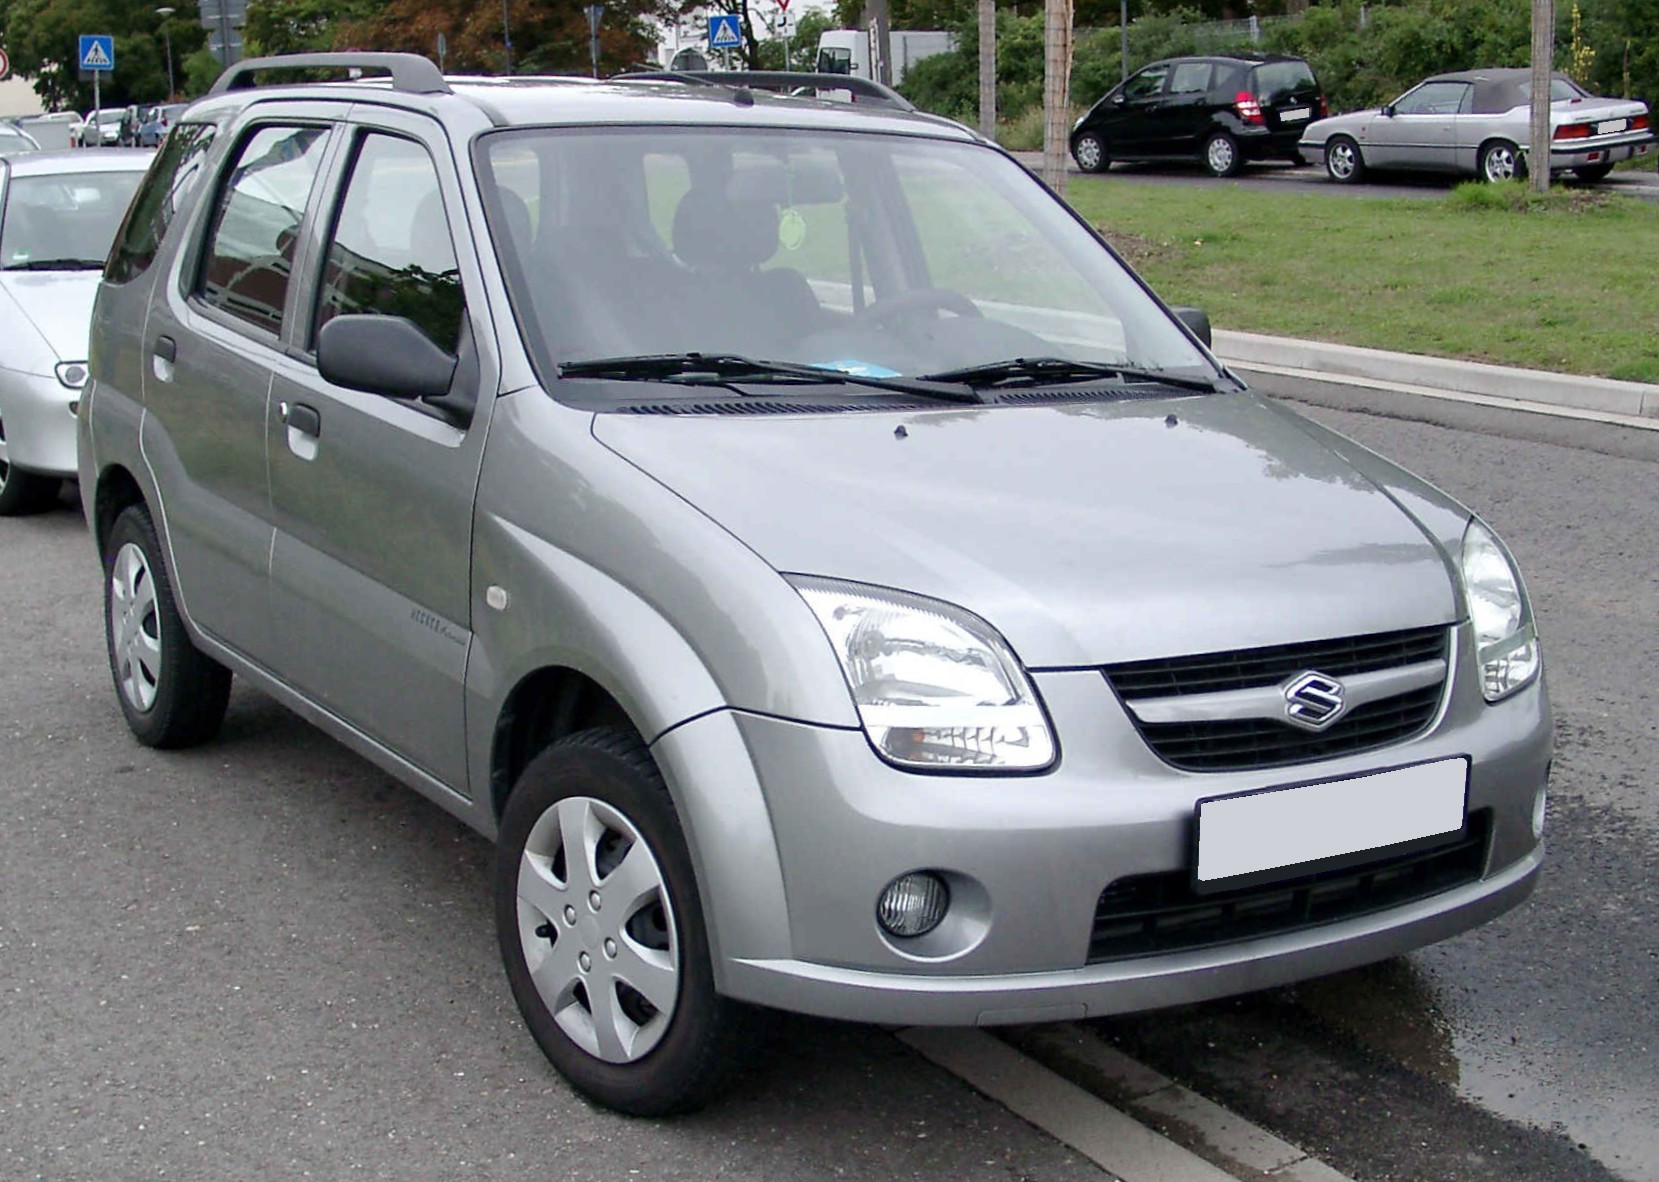 Depiction of Suzuki Ignis